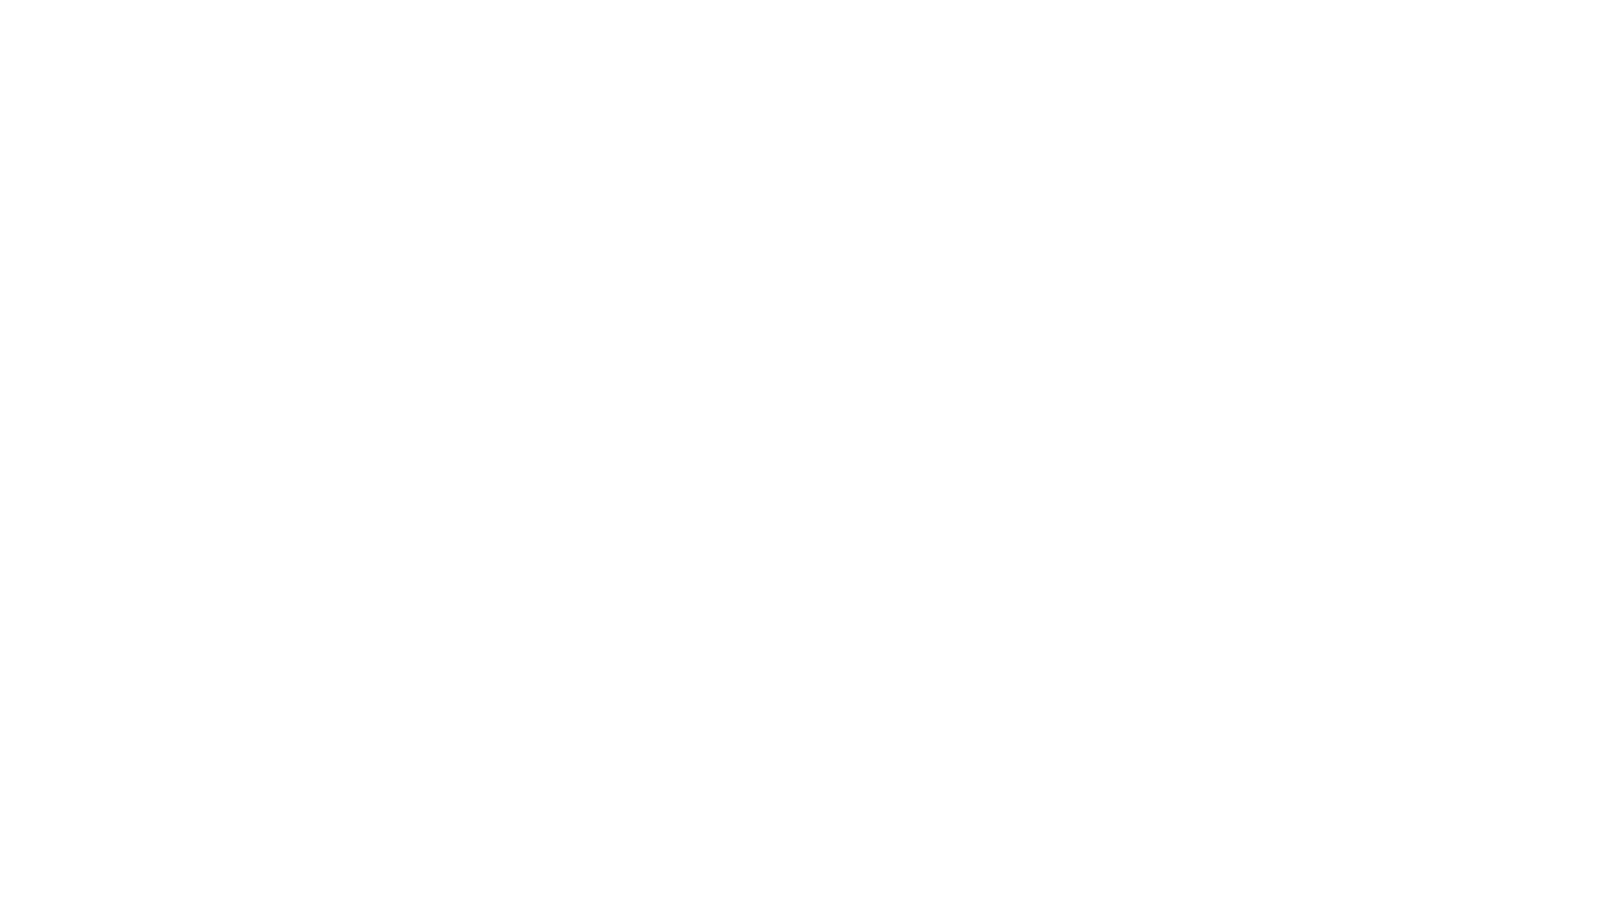 La Revolución Rusa sacudió al mundo en plena Primera Guerra Mundial. Como surgidos de la nada, los bolcheviques derribaron un débil gobierno burgués que, a su vez, anteriormente había hecho caer a la dinastía de los Romanov. Acogida por buena parte de la intelectualidad occidental como una nueva etapa de la historia de la humanidad, parecía que la utopía nunca había estado tan cerca de las manos que siempre soñaron rozarla.